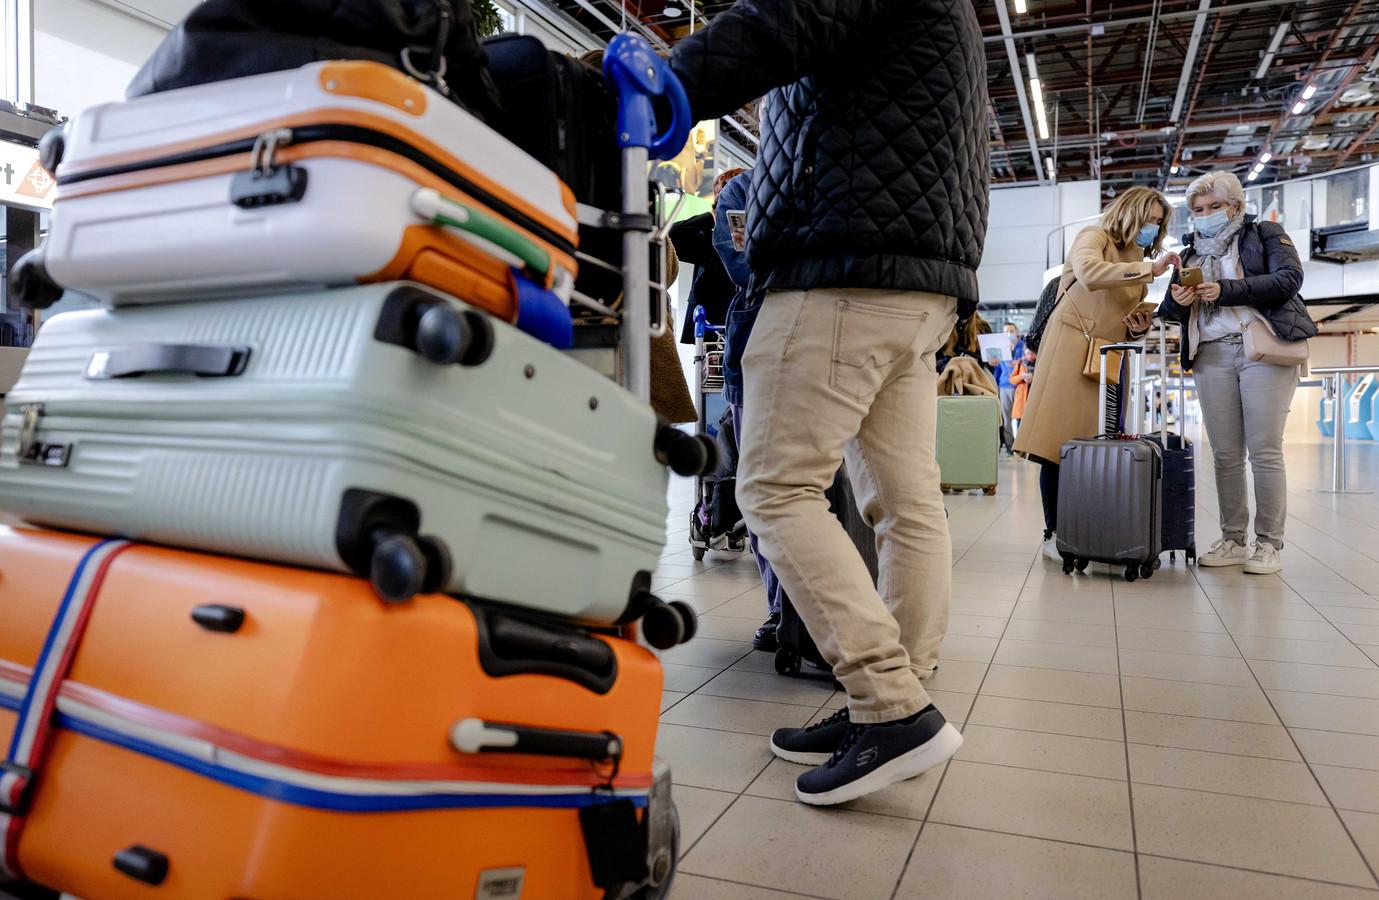 L'aéroport de Schipol à Amsterdam, en avril dernier (illustration).